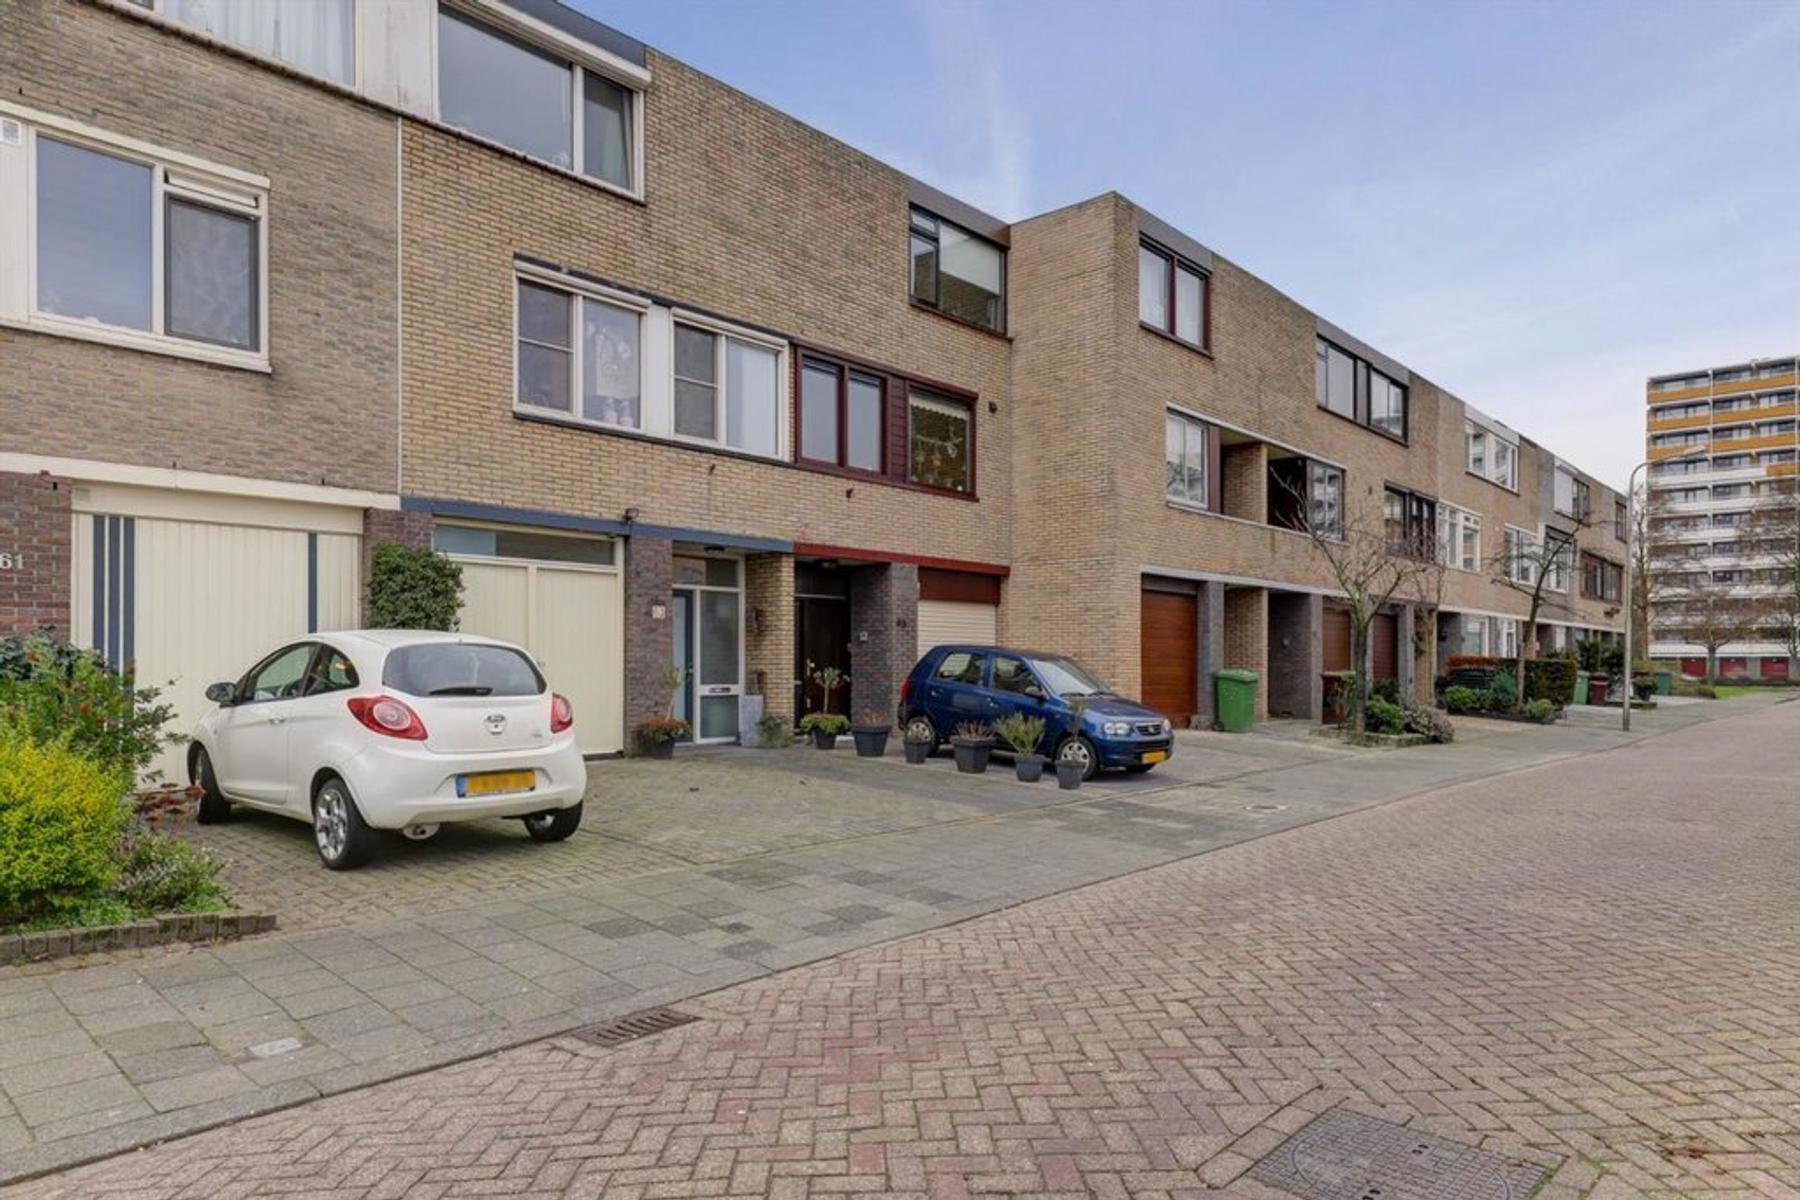 Jasmijnstraat 63 in ridderkerk 2982 cl: woonhuis. estate makelaar